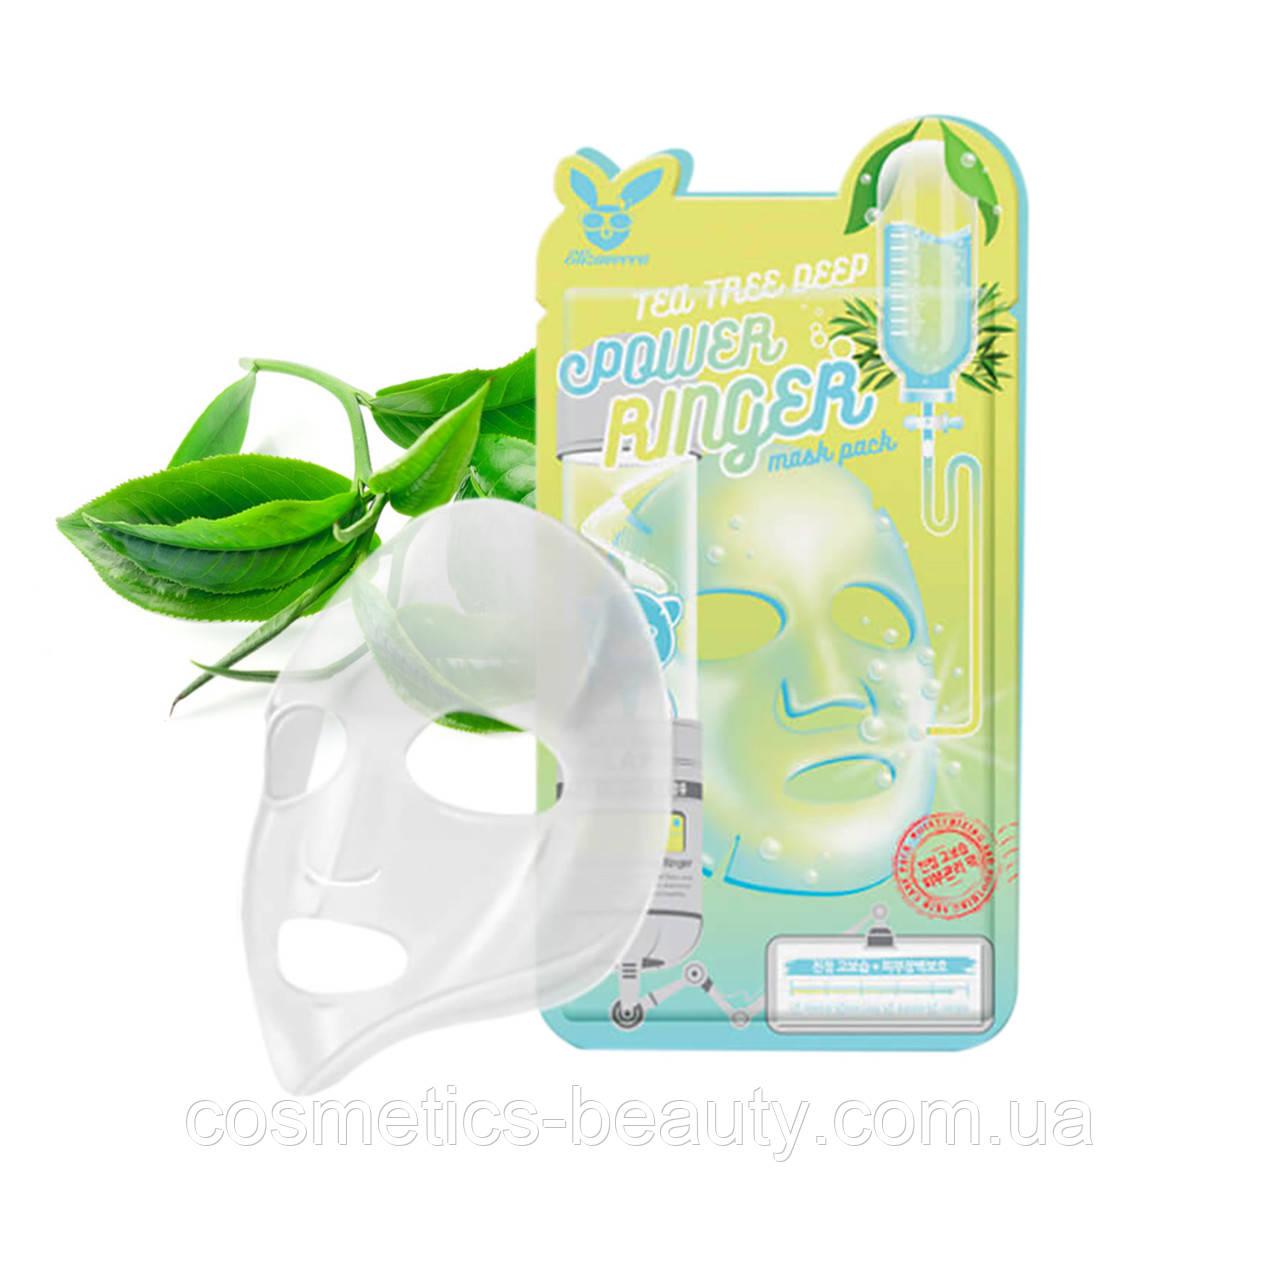 Тканевая маска для проблемной кожи ELIZAVECCA FACE CARE TEA TREE DEEP POWER RINGER MASK PACK.